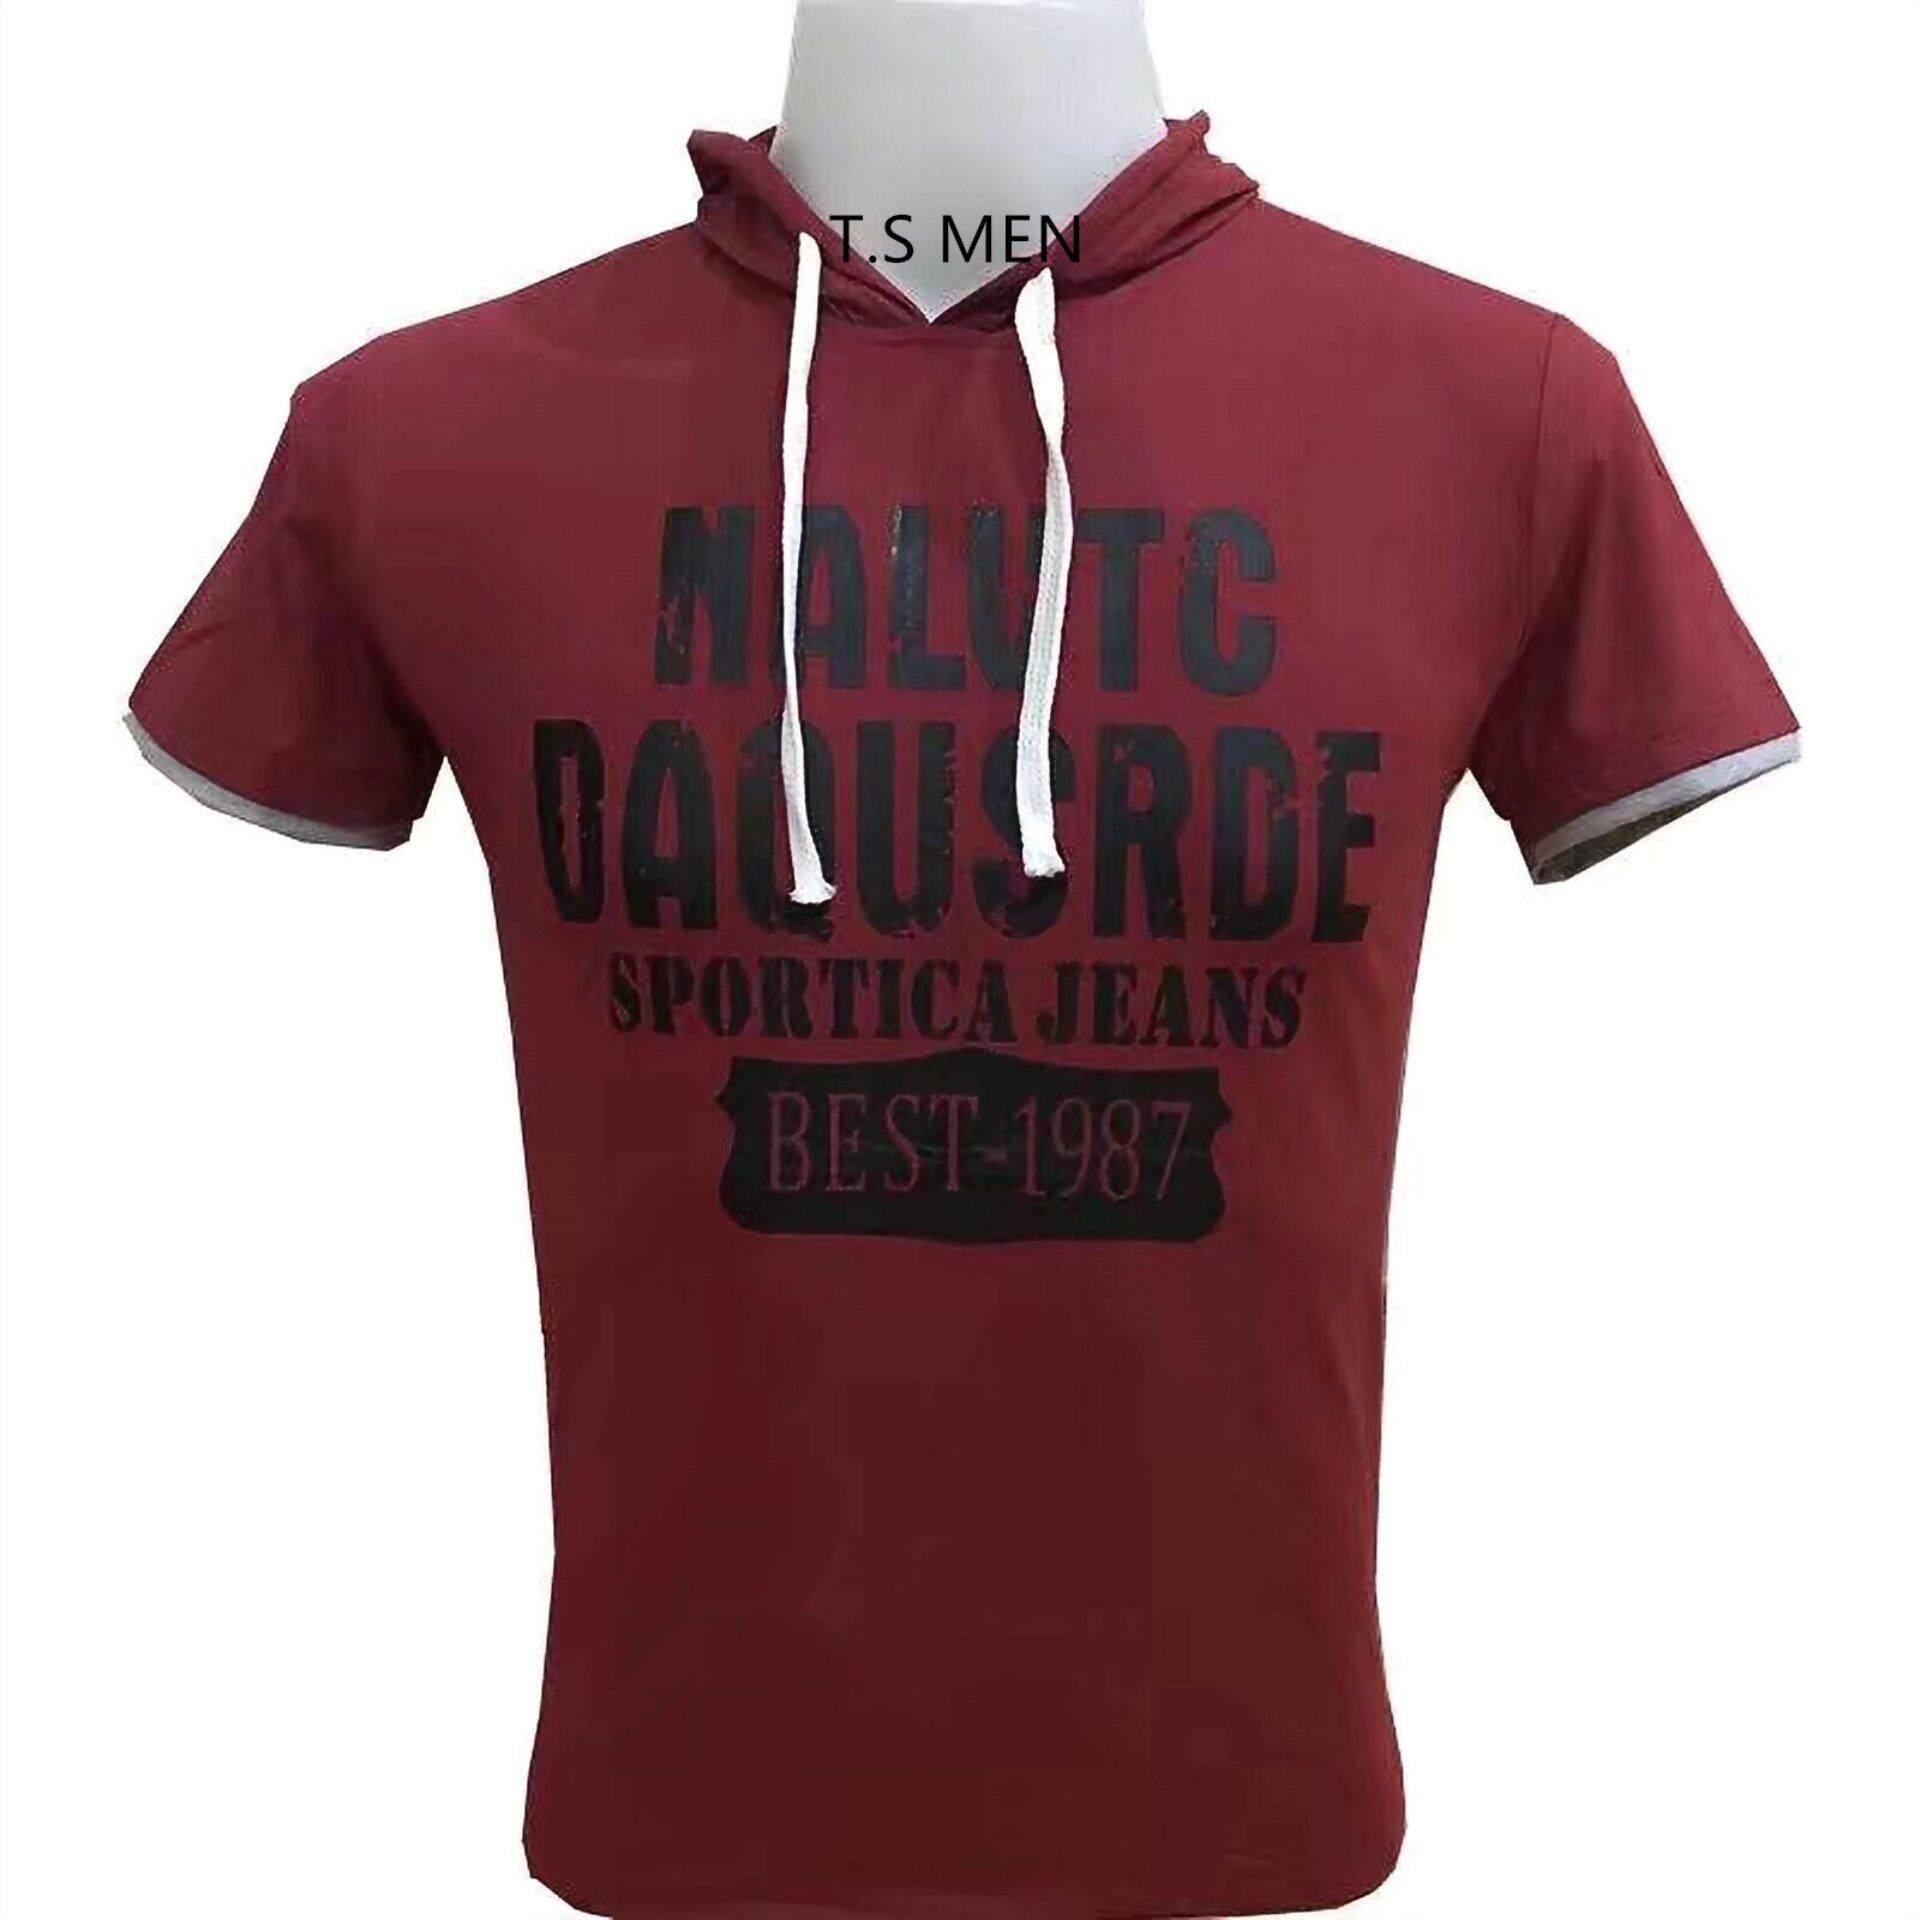 ราคา เสื้อยืดผู้ชายMen S T Shirtเสื้อยืดแฟชั่นผู้ชาย ราคาถูกที่สุด